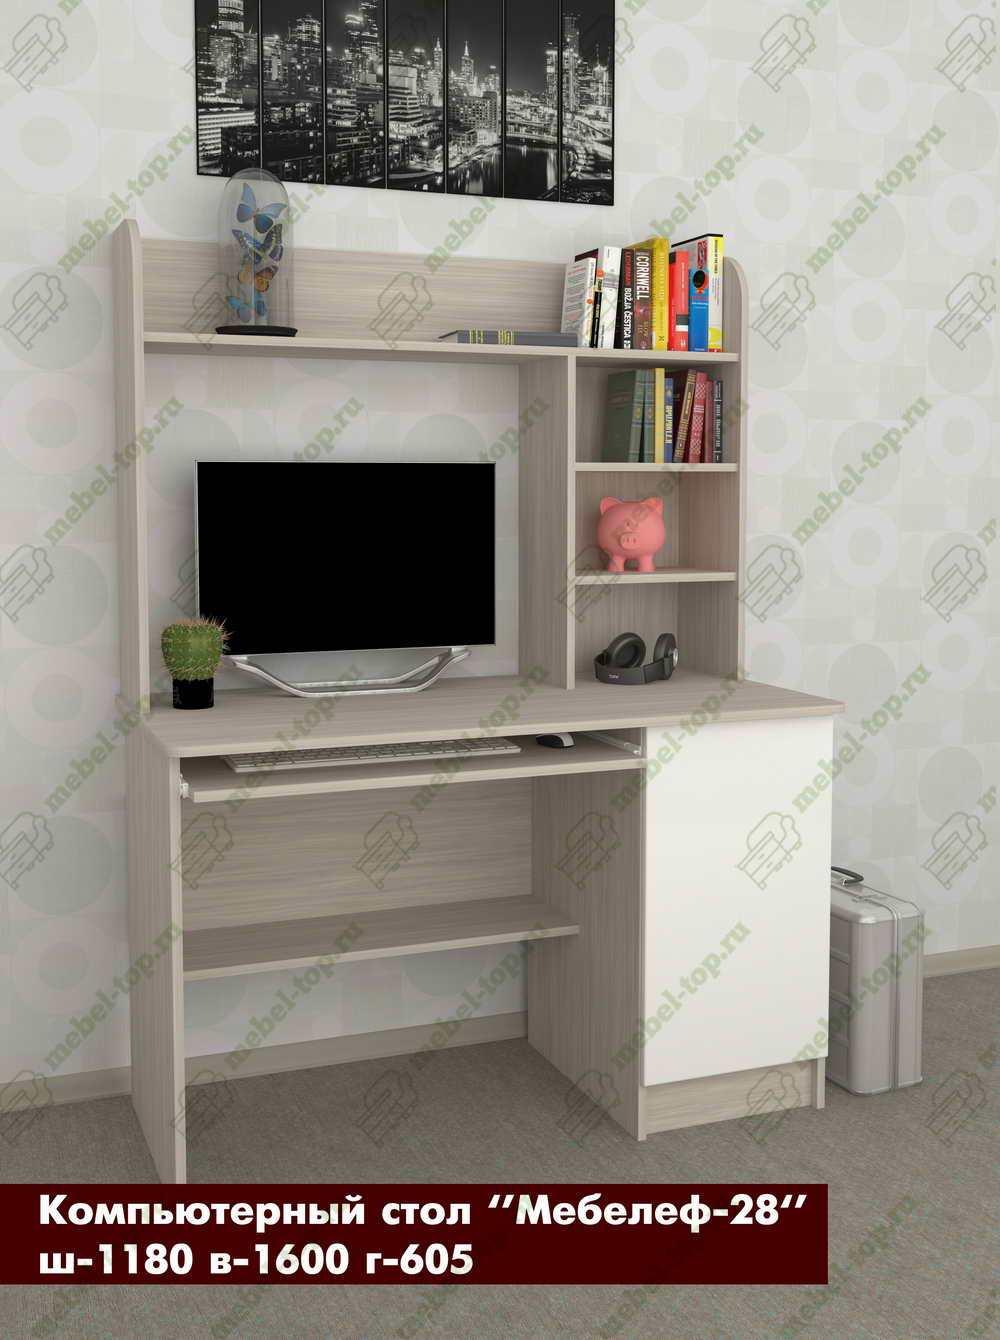 Компьютерный стол Мебелеф-28 компьютерный стол кс 20 30